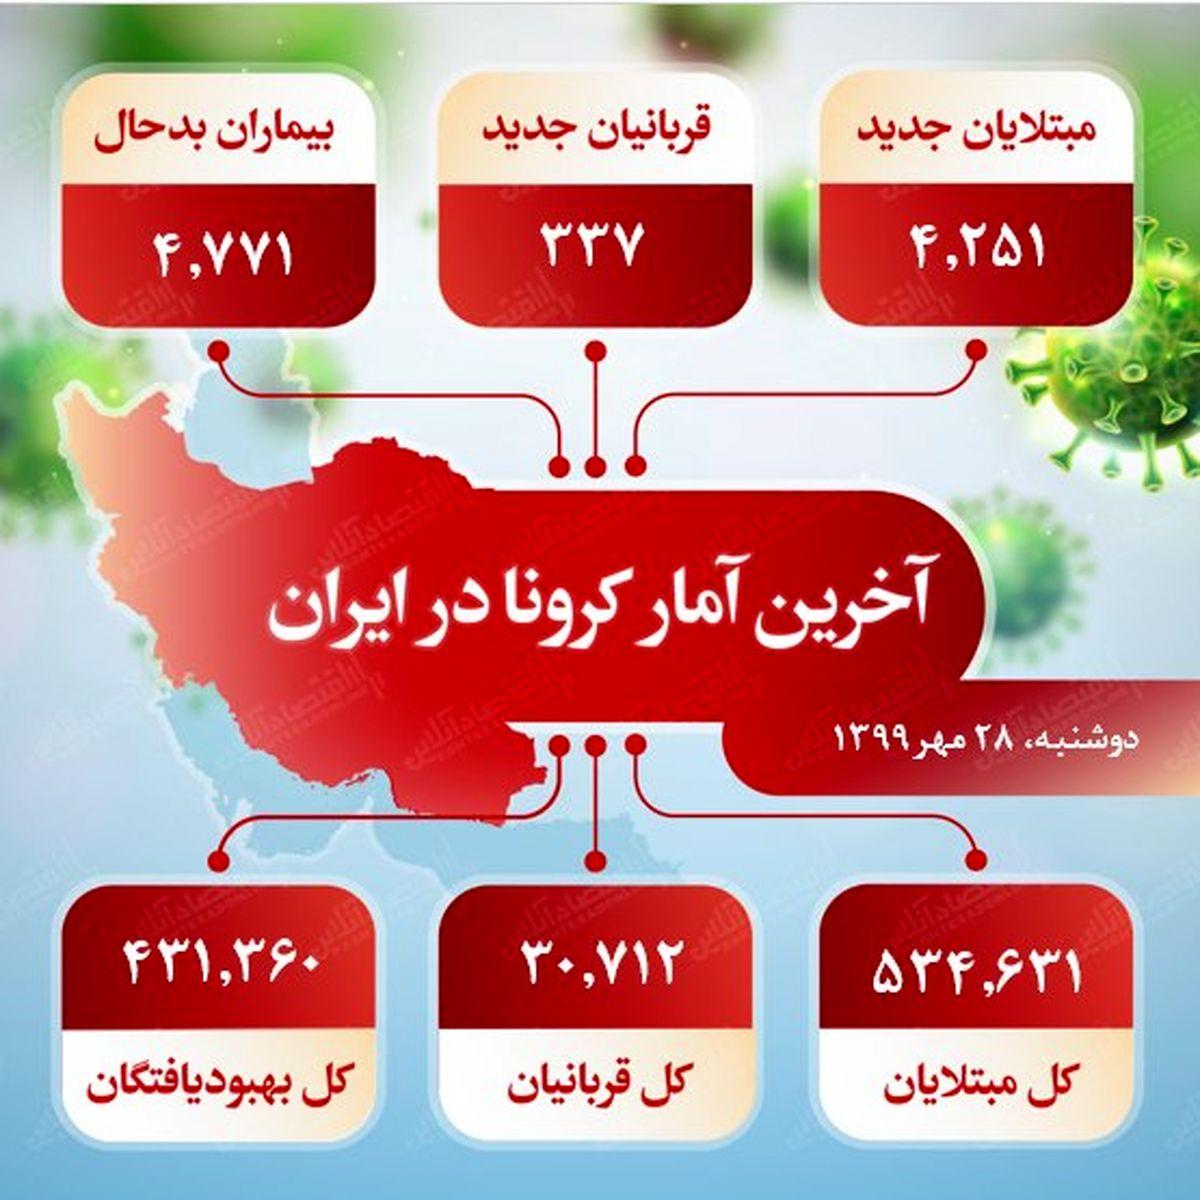 آخرین آمار کرونا در ایران (۹۹/۷/۲۸)